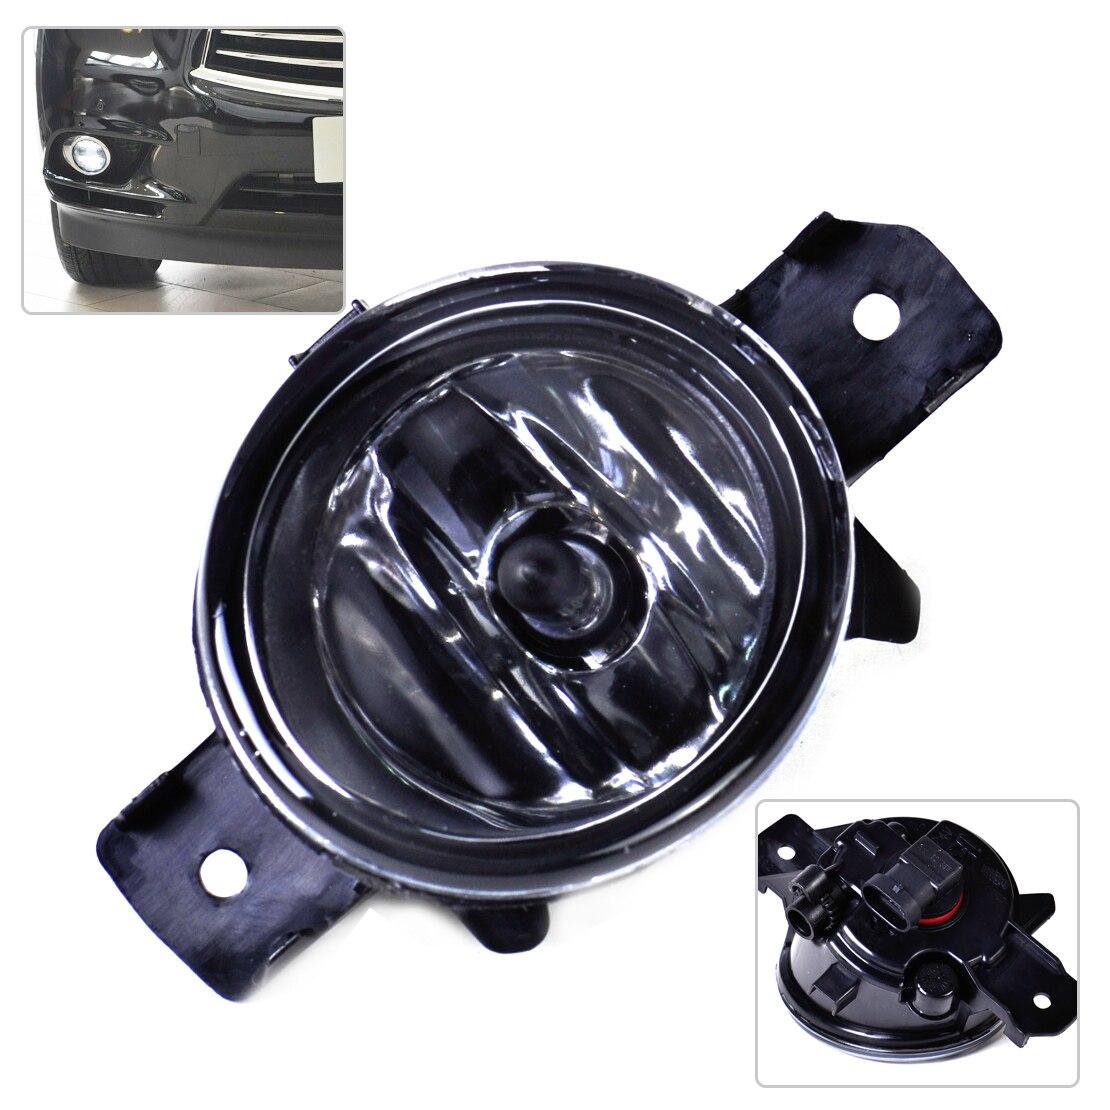 Lámpara de luz antiniebla derecha + bombilla halógena H11 - Luces del coche